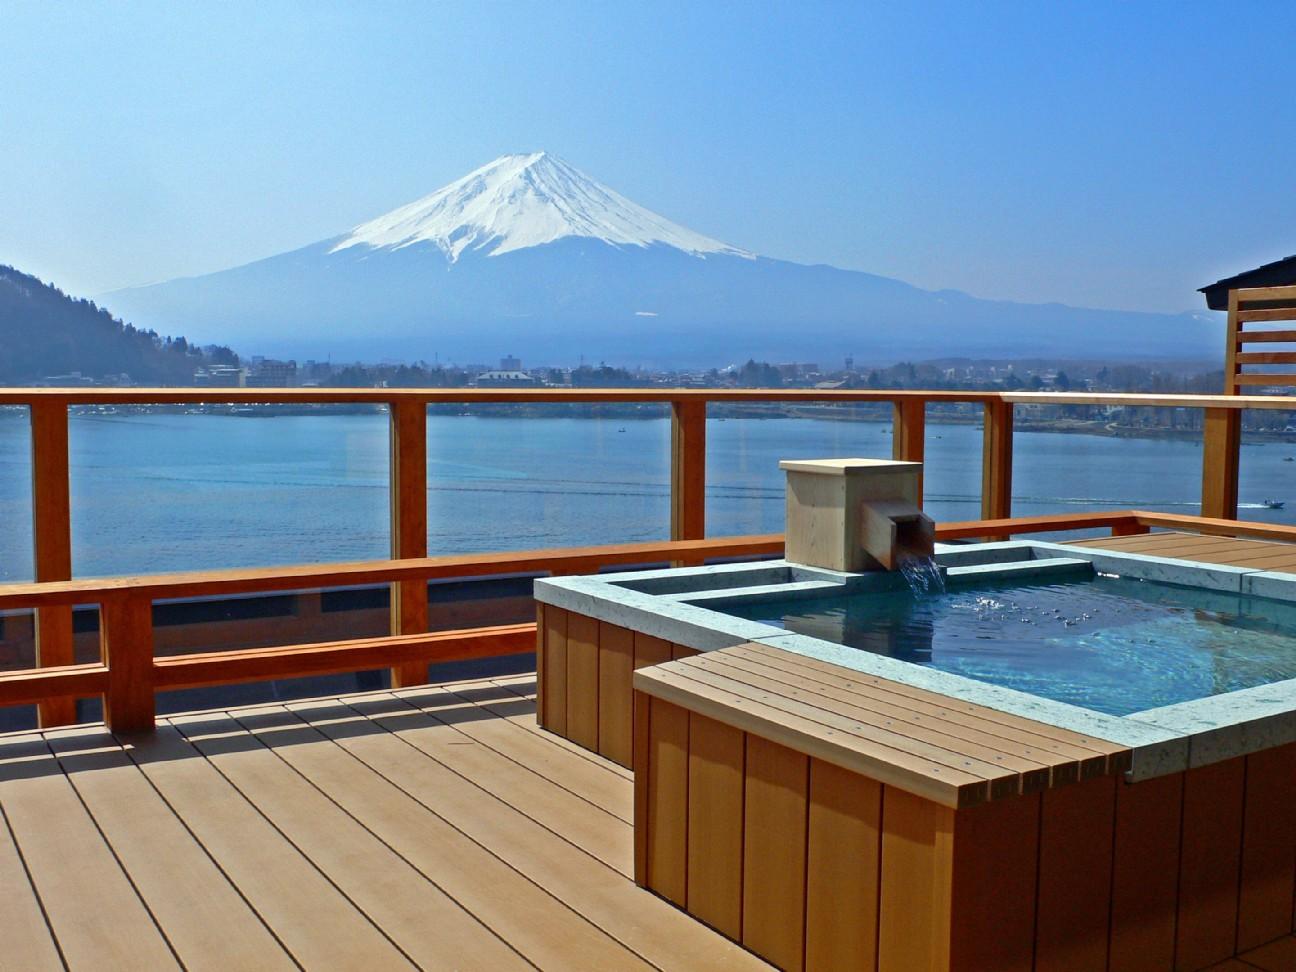 ... 温泉宿・ホテル10選 - Find Travel